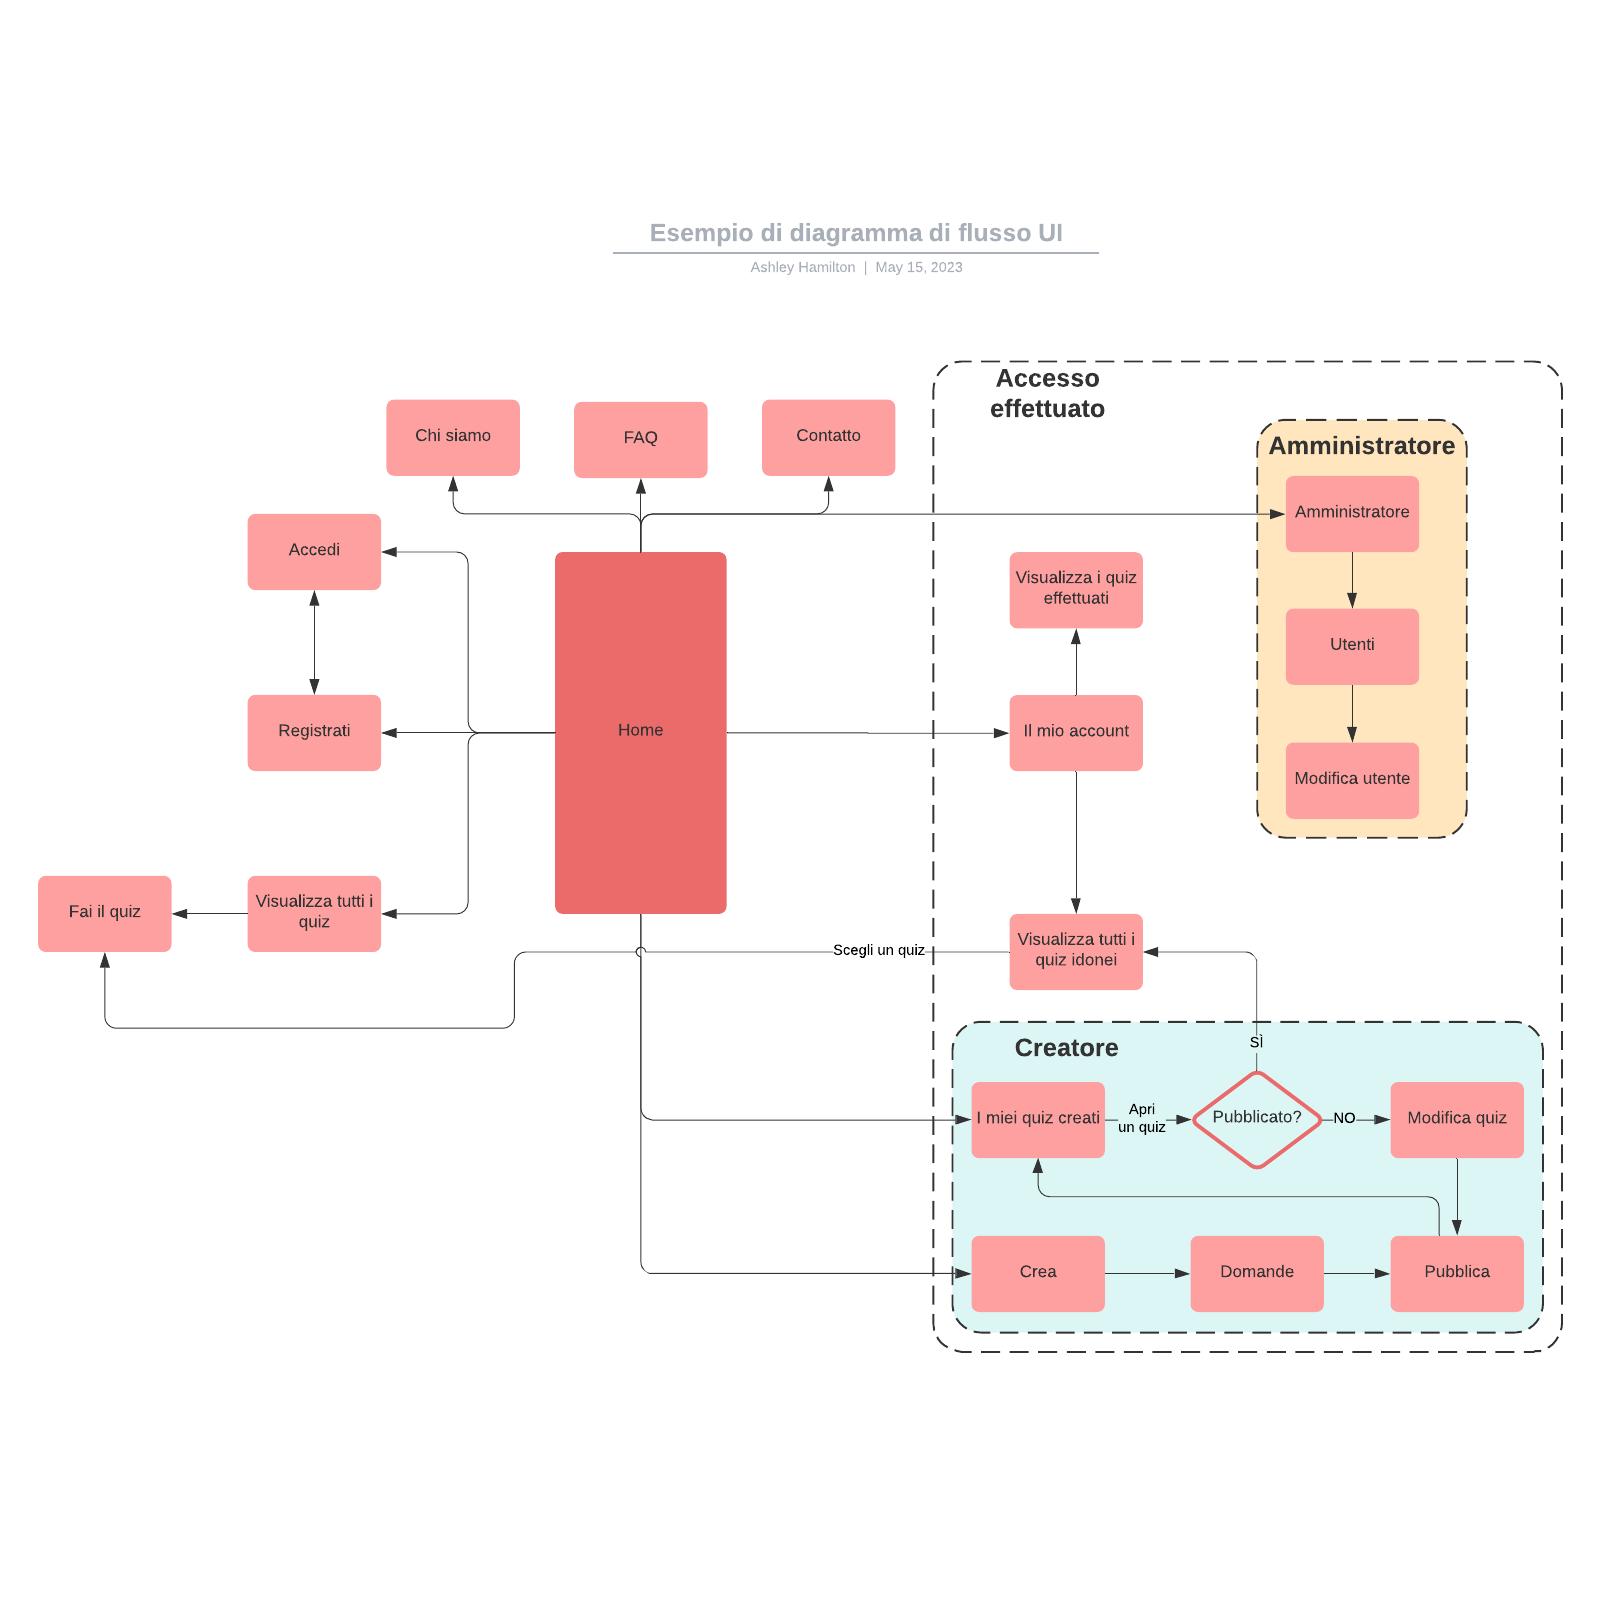 Esempio di diagramma di flusso UI